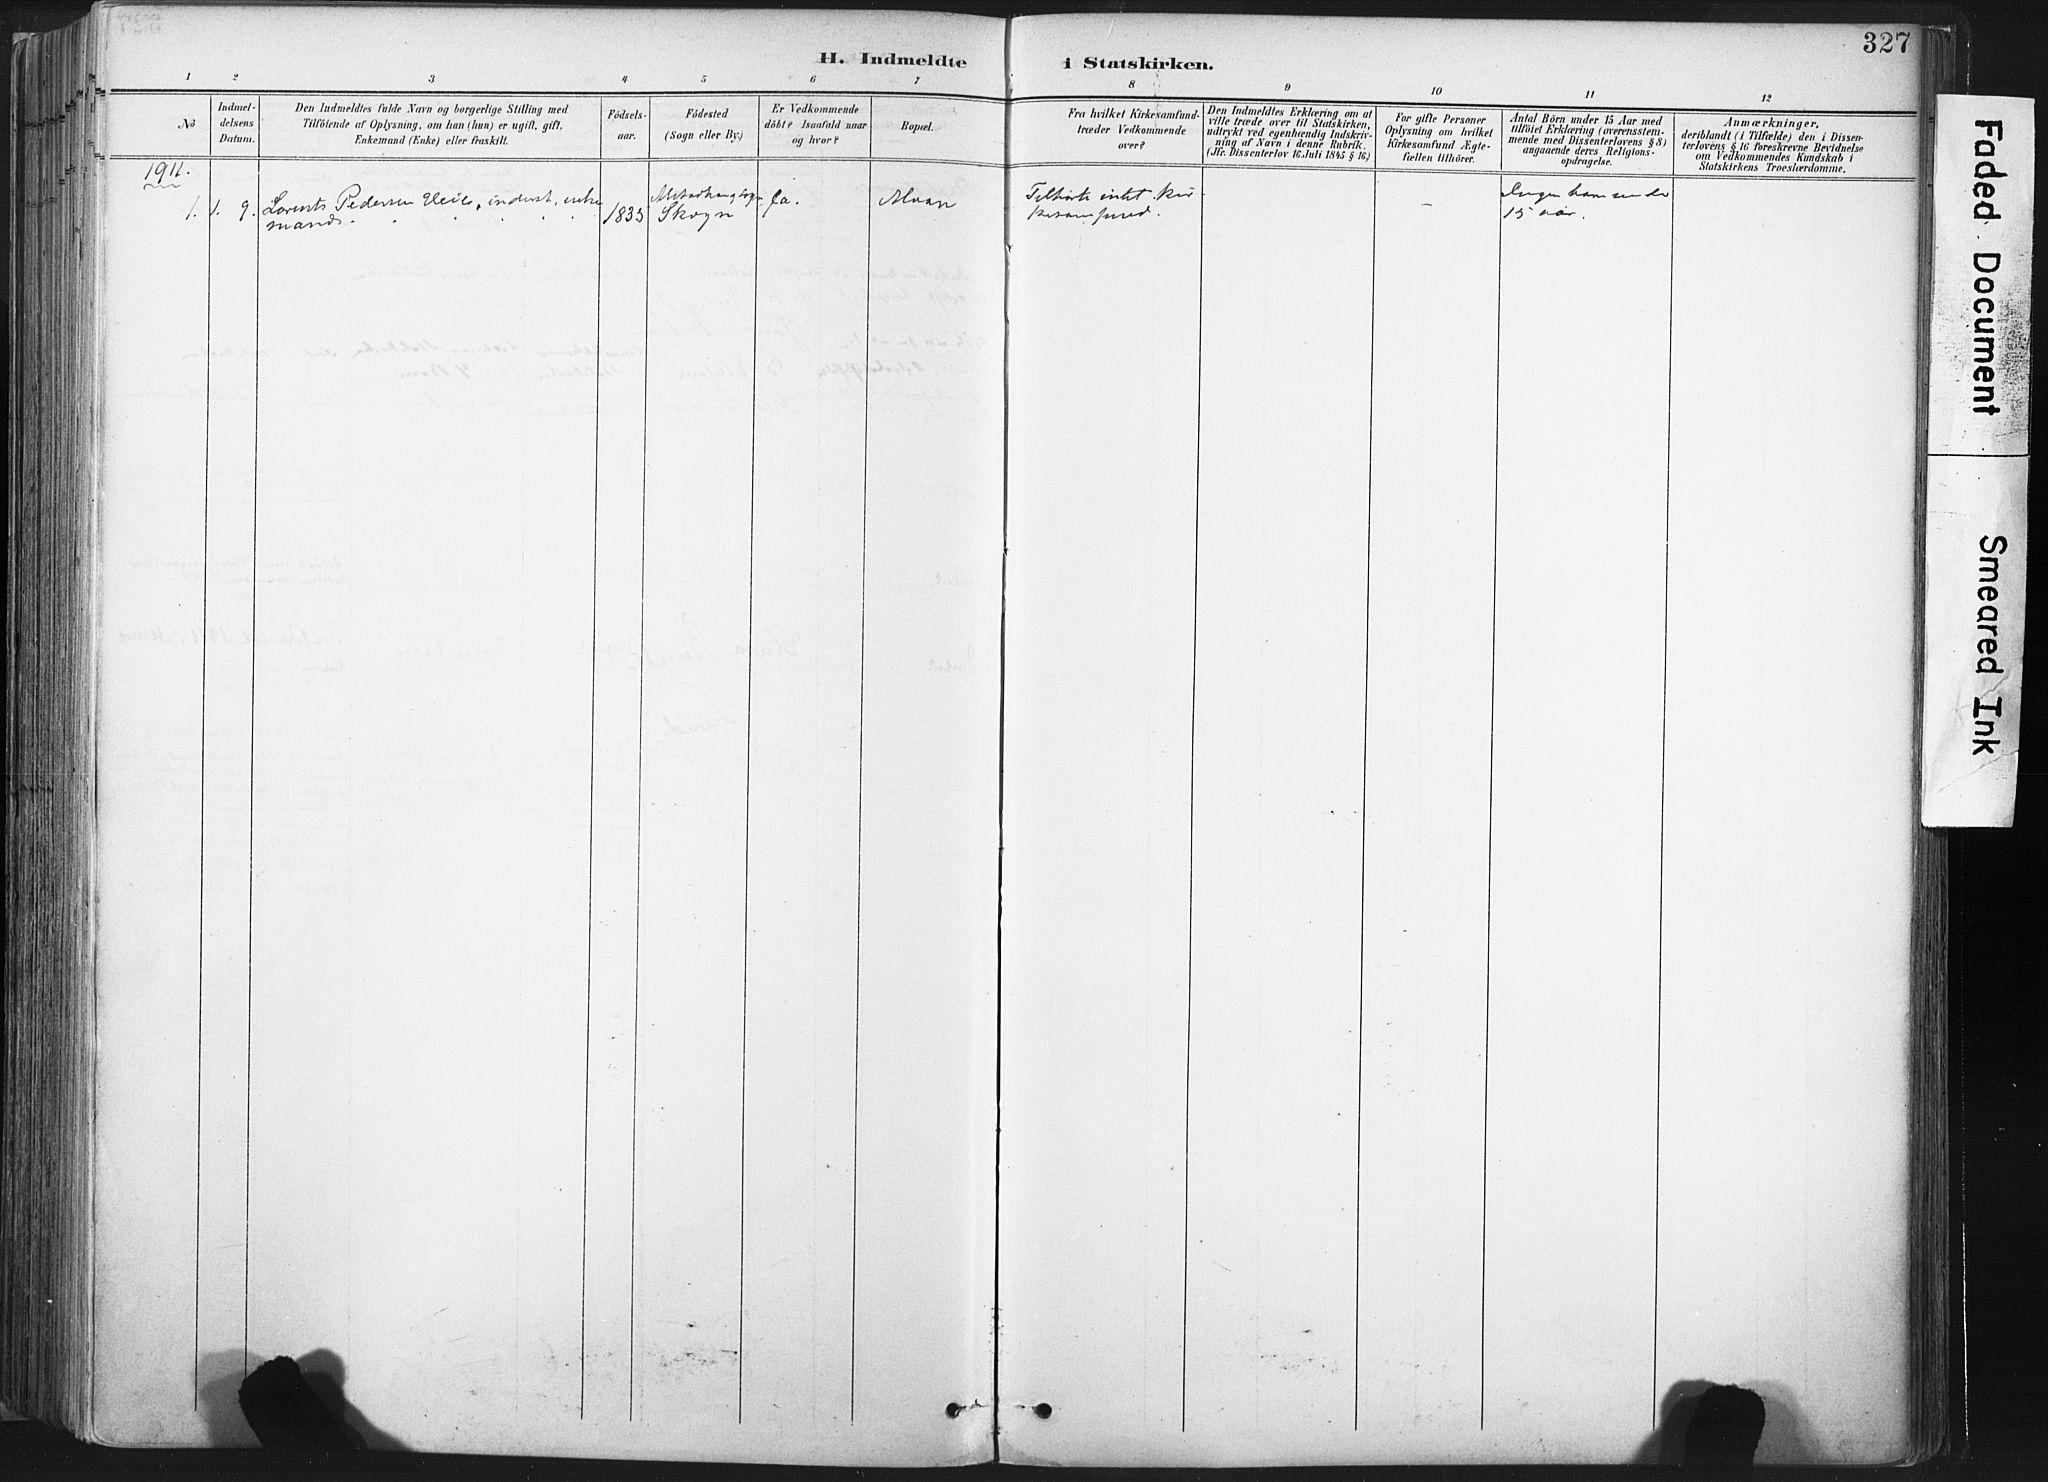 SAT, Ministerialprotokoller, klokkerbøker og fødselsregistre - Nord-Trøndelag, 717/L0162: Ministerialbok nr. 717A12, 1898-1923, s. 327